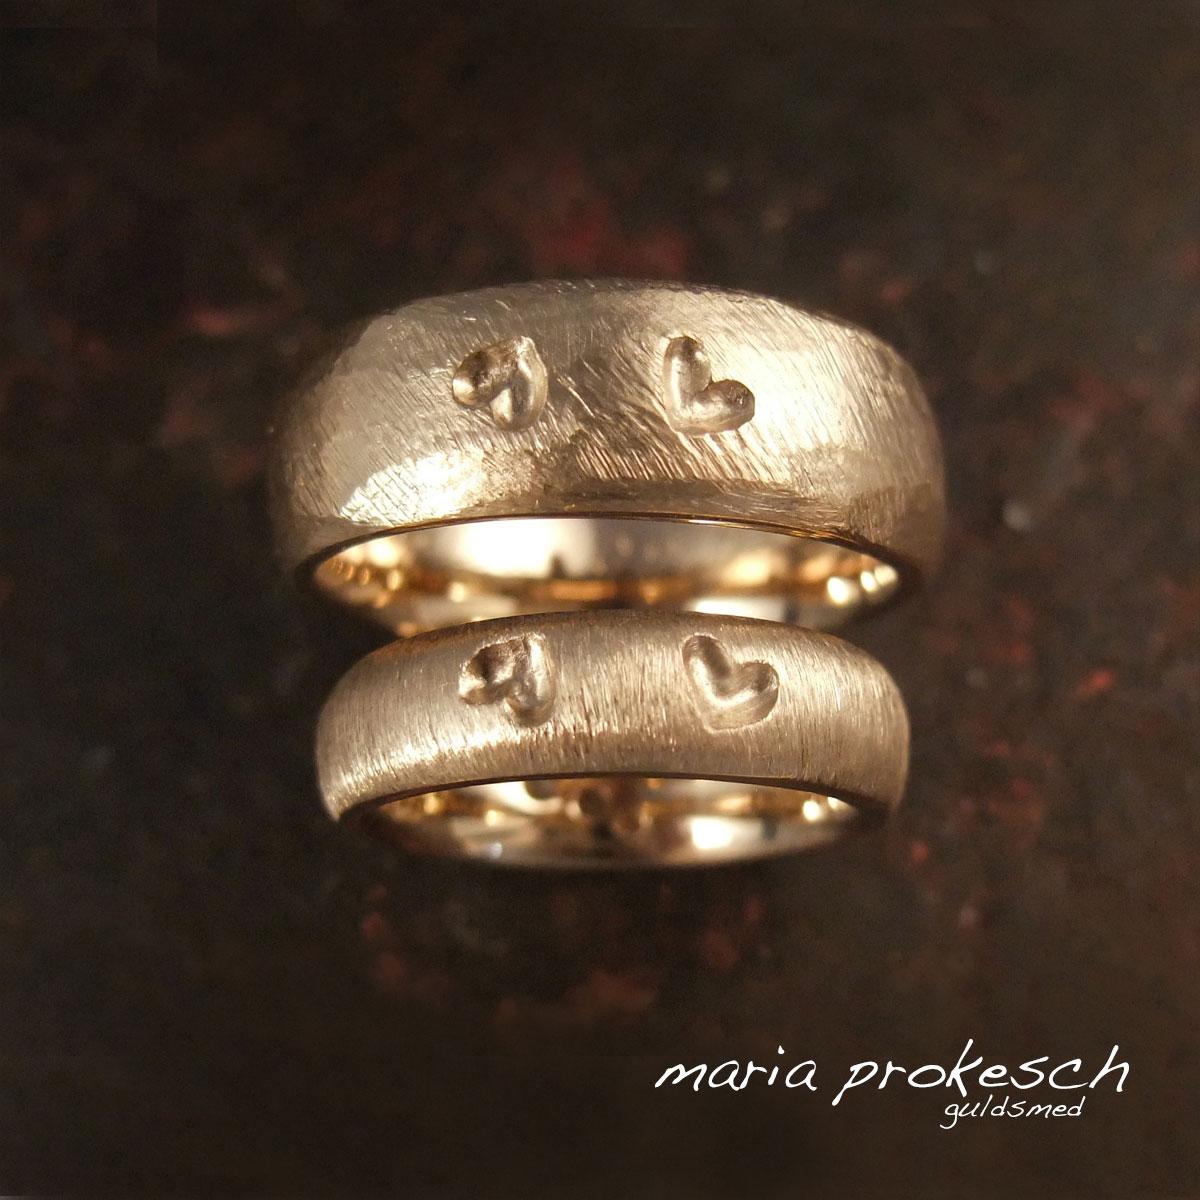 Hjerte vielsesringe i 14 kt guld, rustikke overflader med to hjerter som fordybninger. Håndlavet efter kundernes personlige ønsker